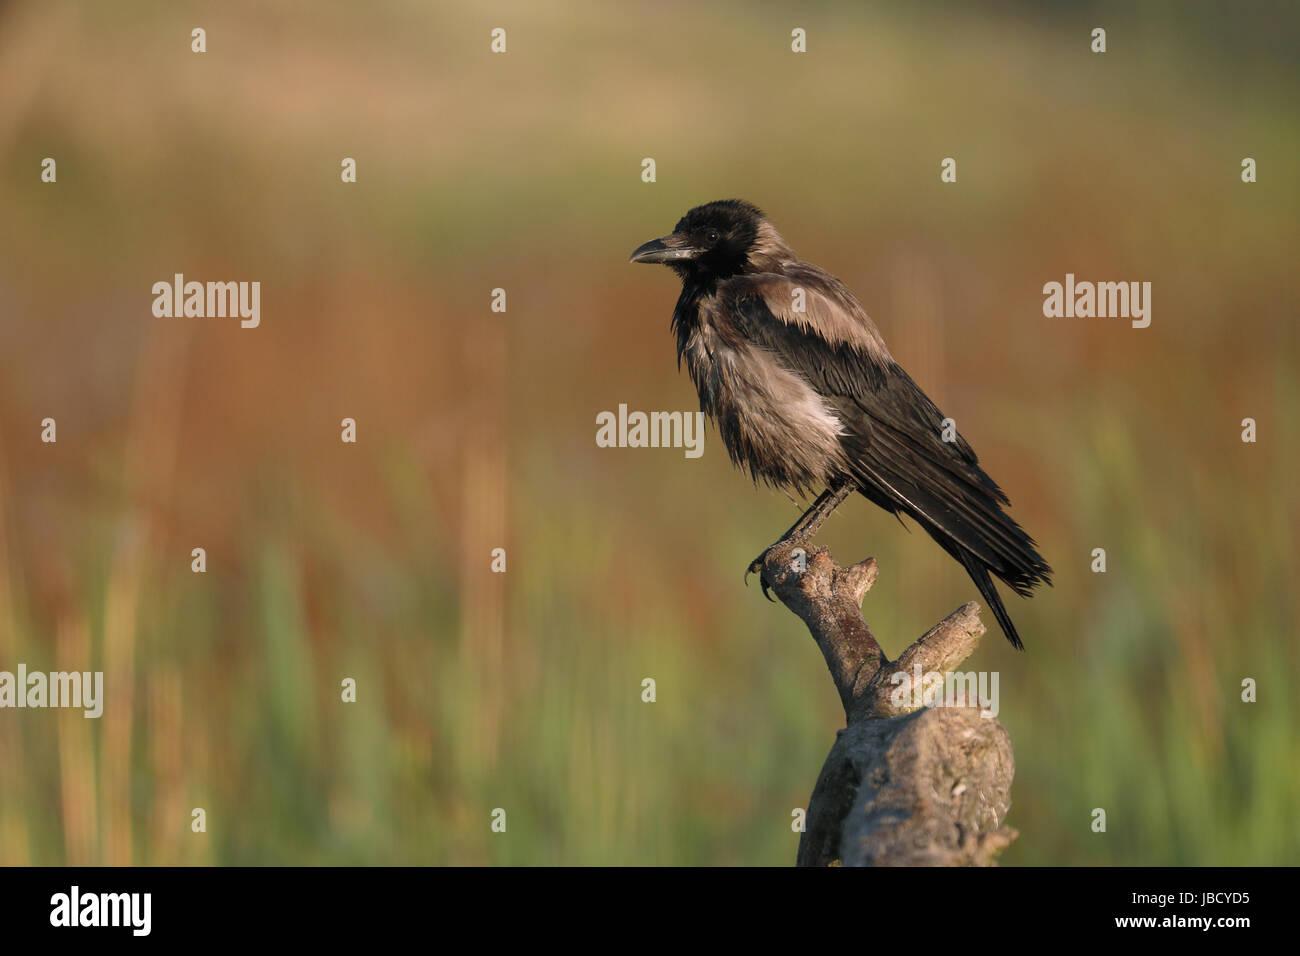 Nebelkrähe (Corvus coring), Donau Delta, Rumänien, Mai 2017 Stockbild